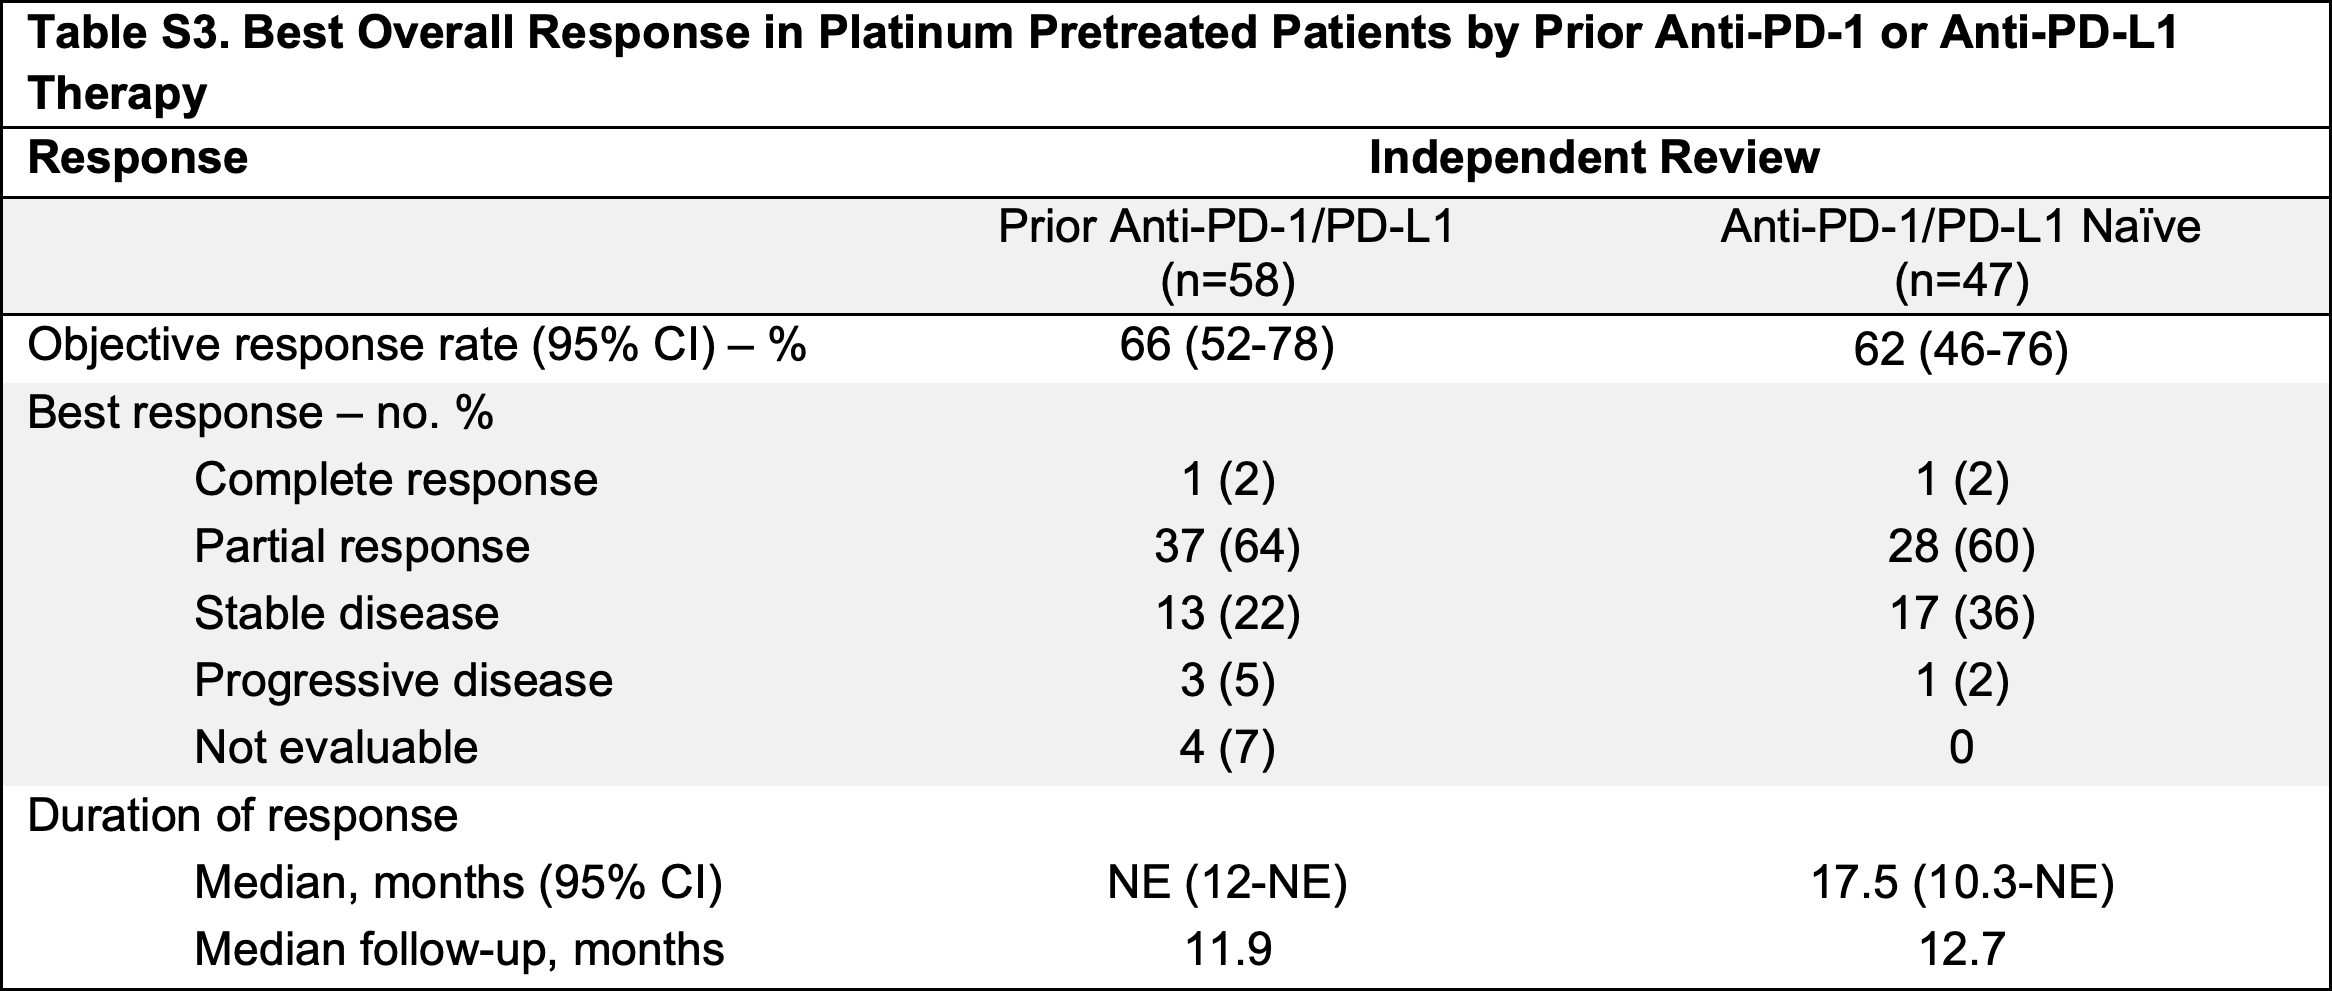 nct03157128 results 02 - «Ретевмо»: первое лекарство против RET-положительных опухолей